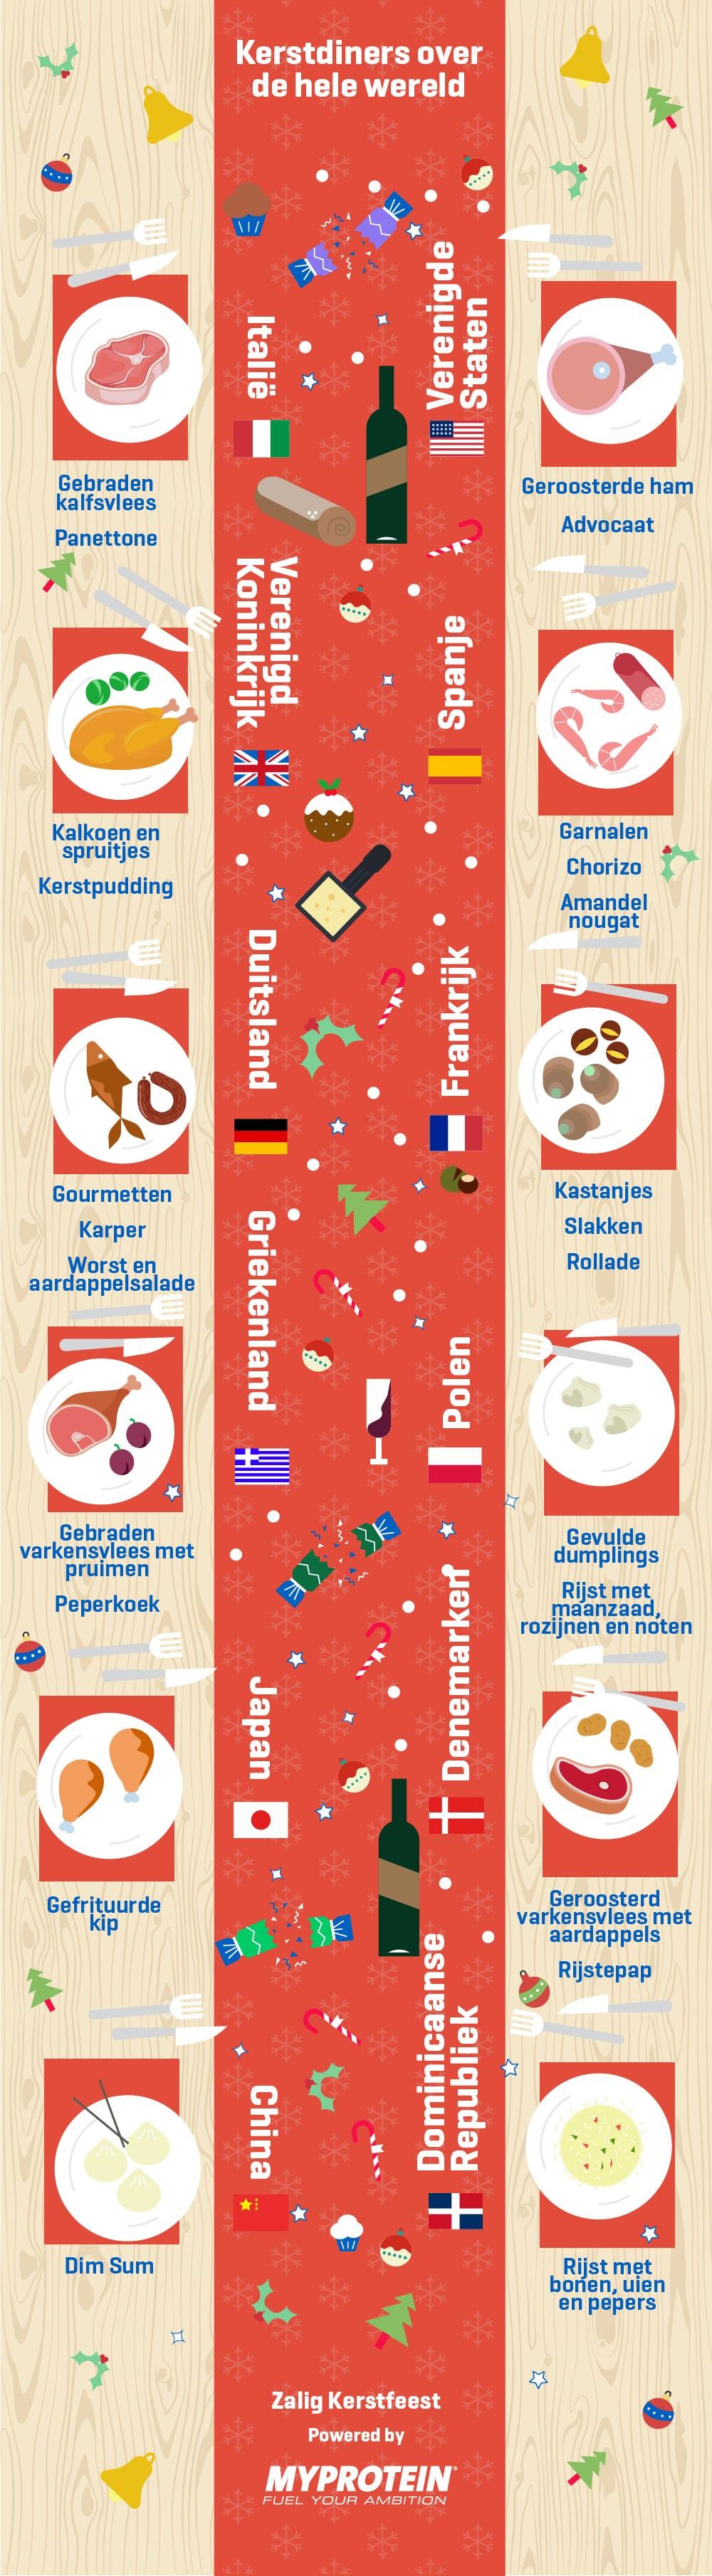 Kerstdiners over de hele wereld